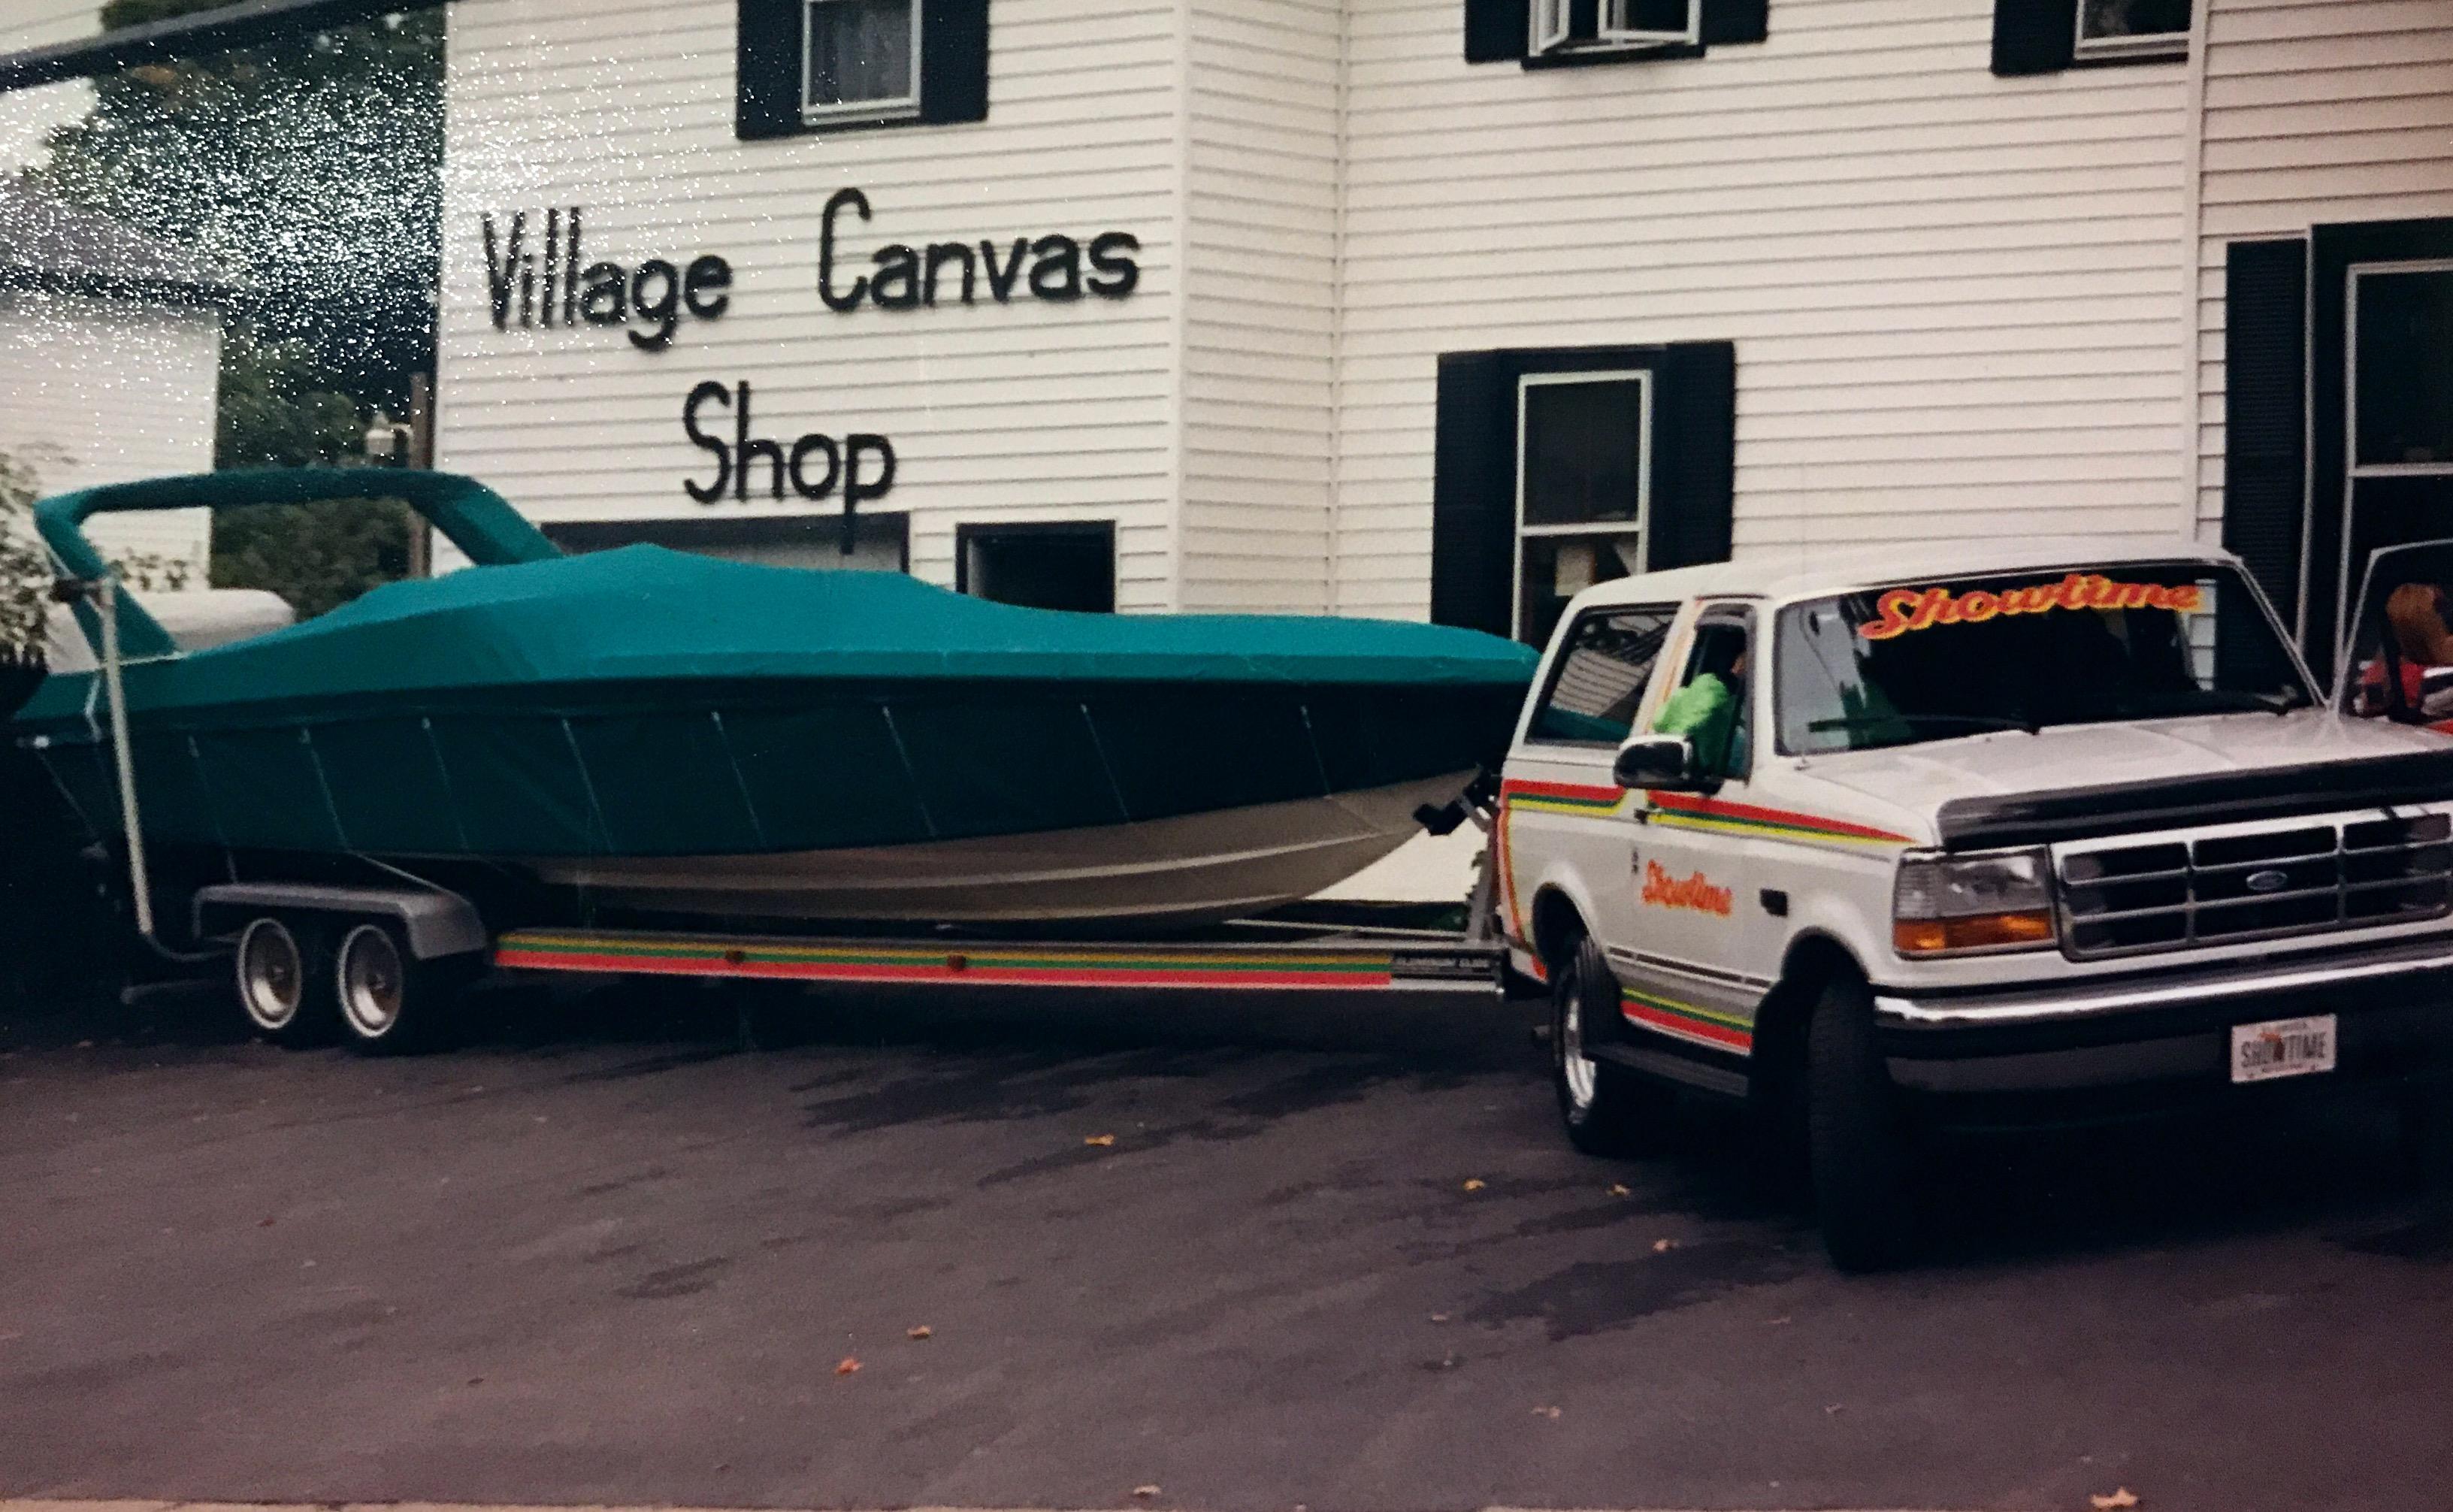 About « Village Canvas Shop